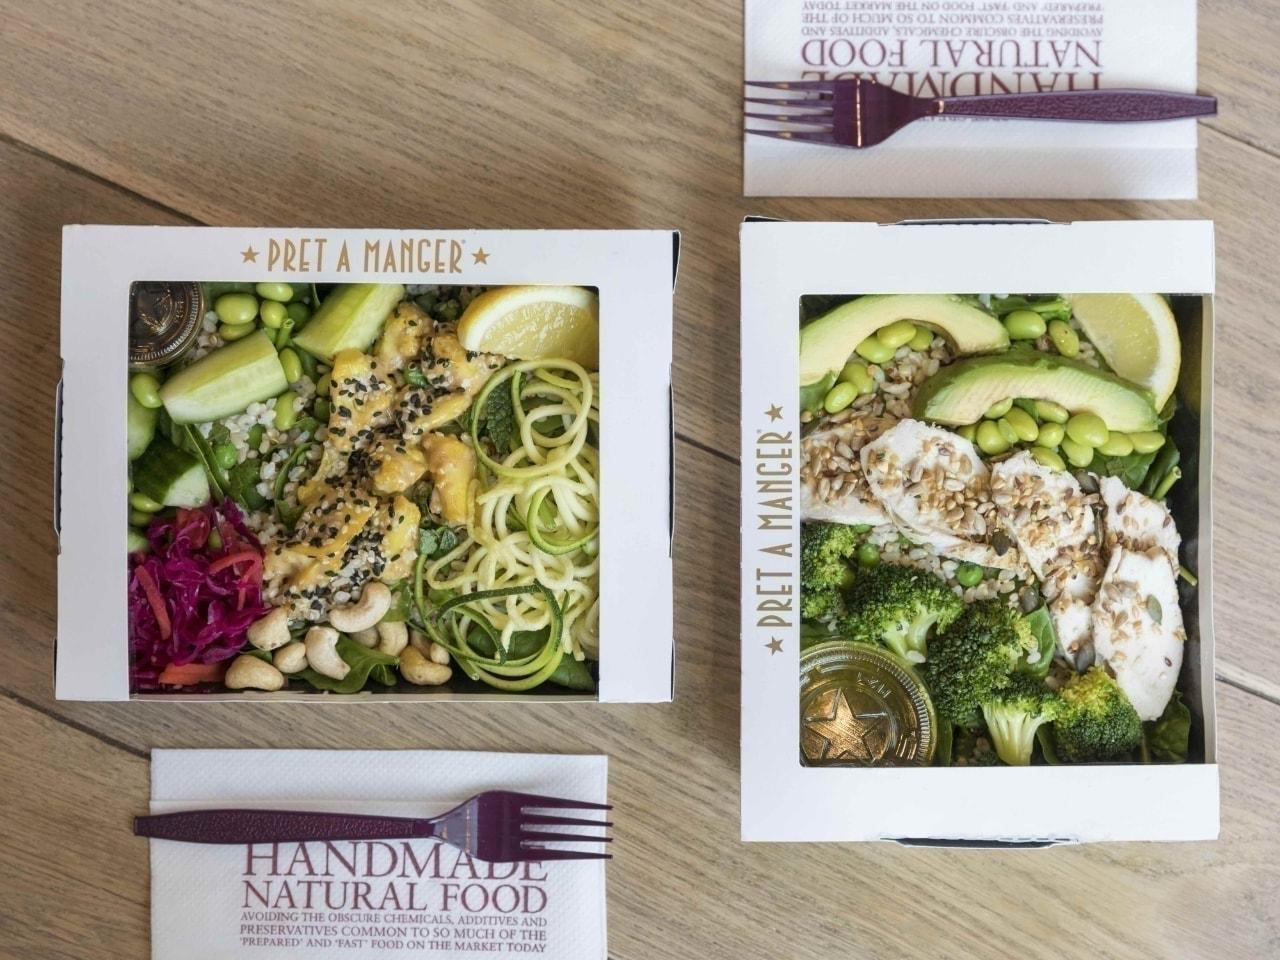 3 various Pret a Manger salads